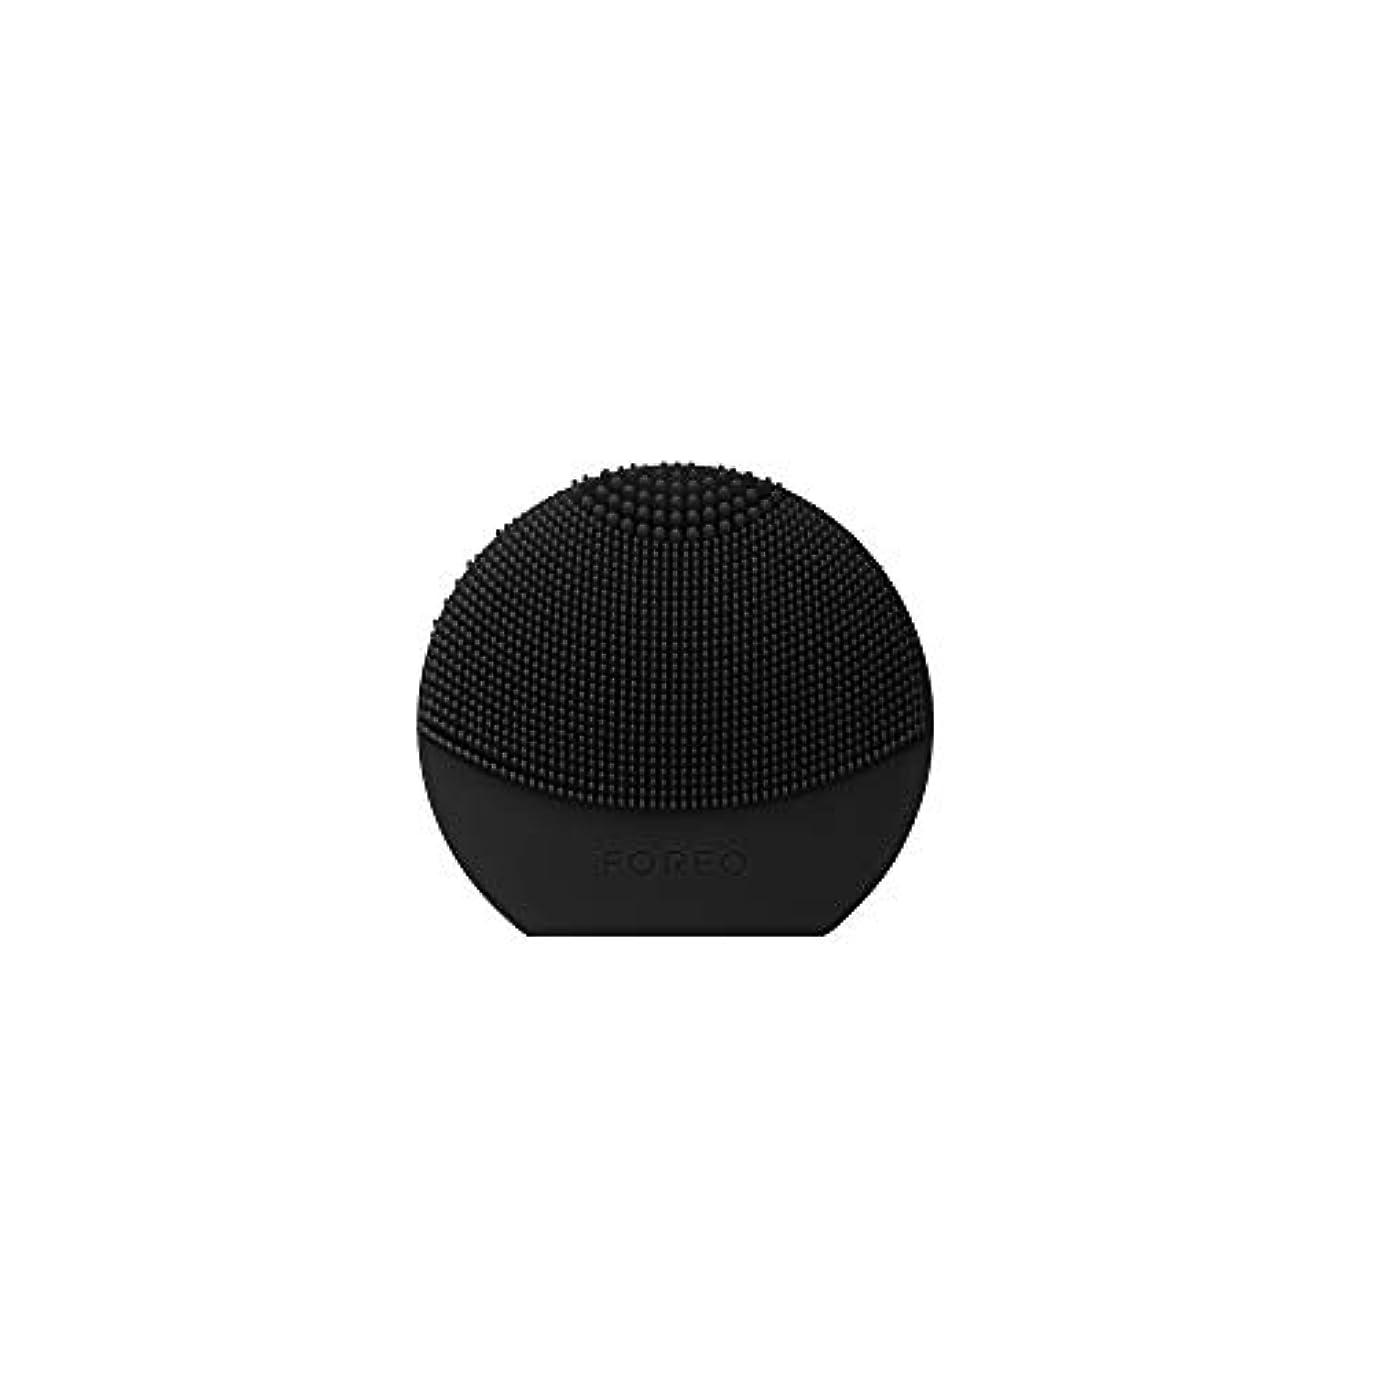 過言センチメートル服を着るFOREO LUNA Play Plus ミッドナイト シリコーン製 音波振動 電動洗顔ブラシ 電池式